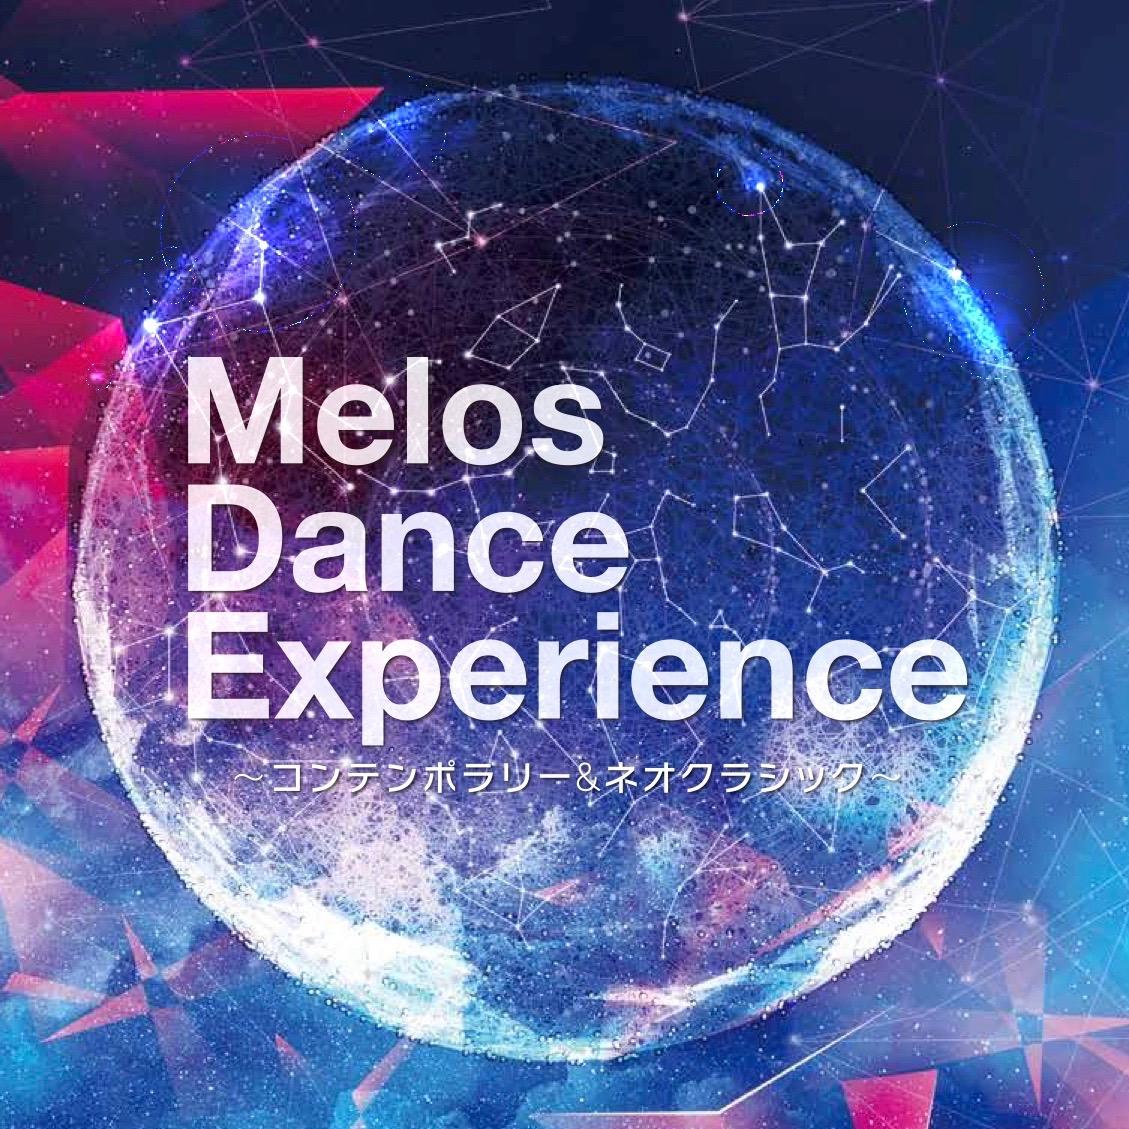 [オーディション] 第3回公演 出演ダンサーオーディション概要発表